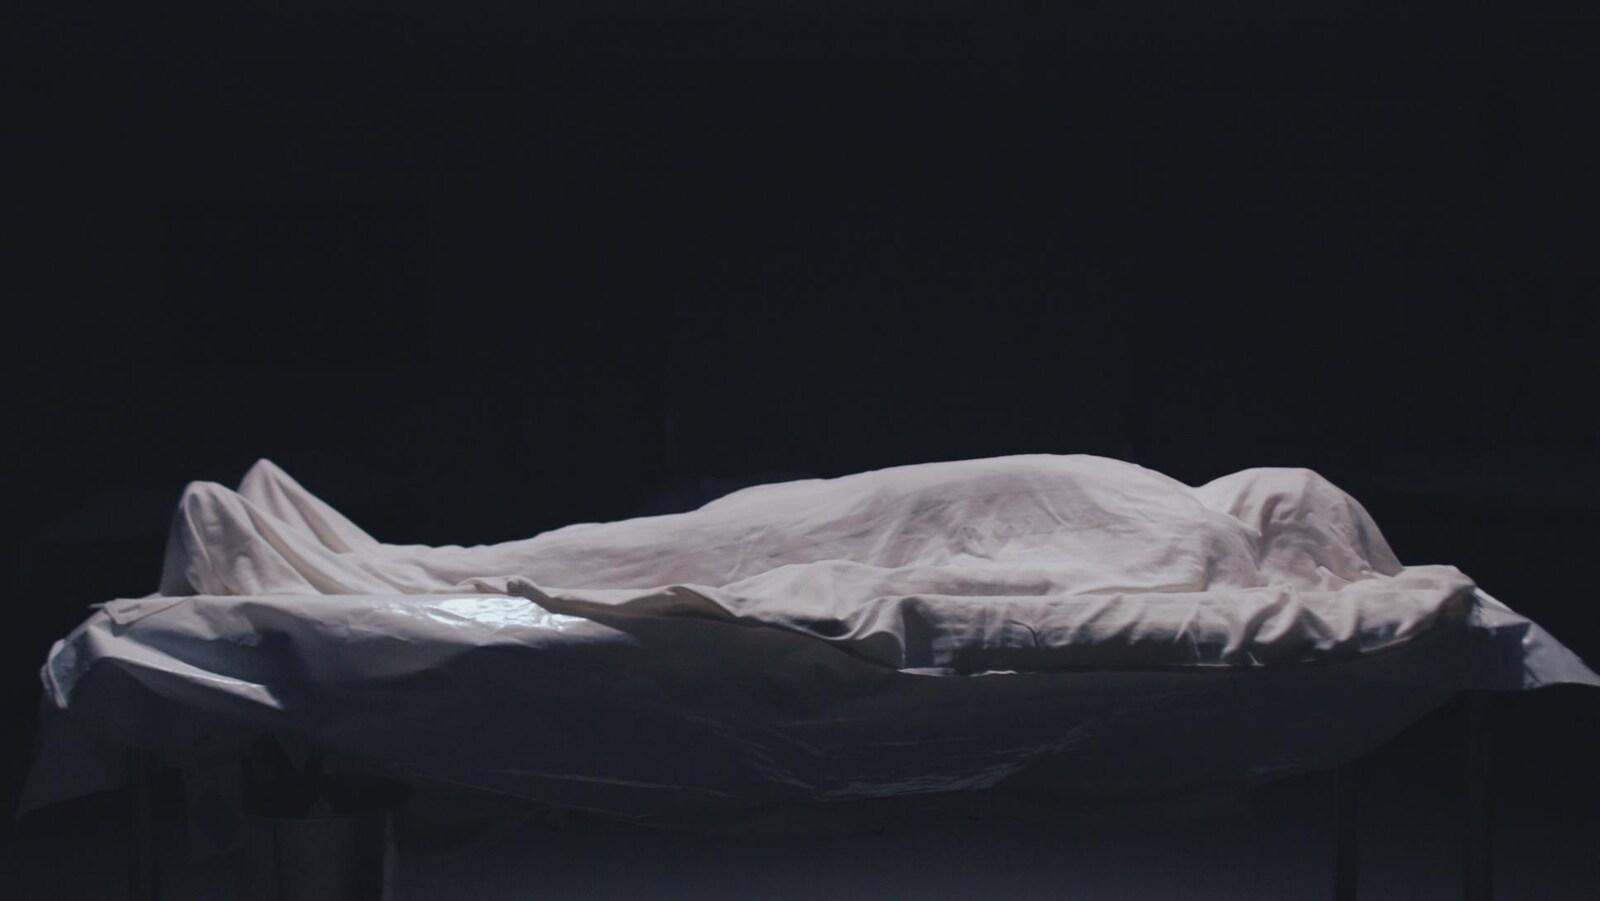 Un drap blanc recouvre un cadavre placé sur une table. Une lumière blanche l'éclaire de haut.